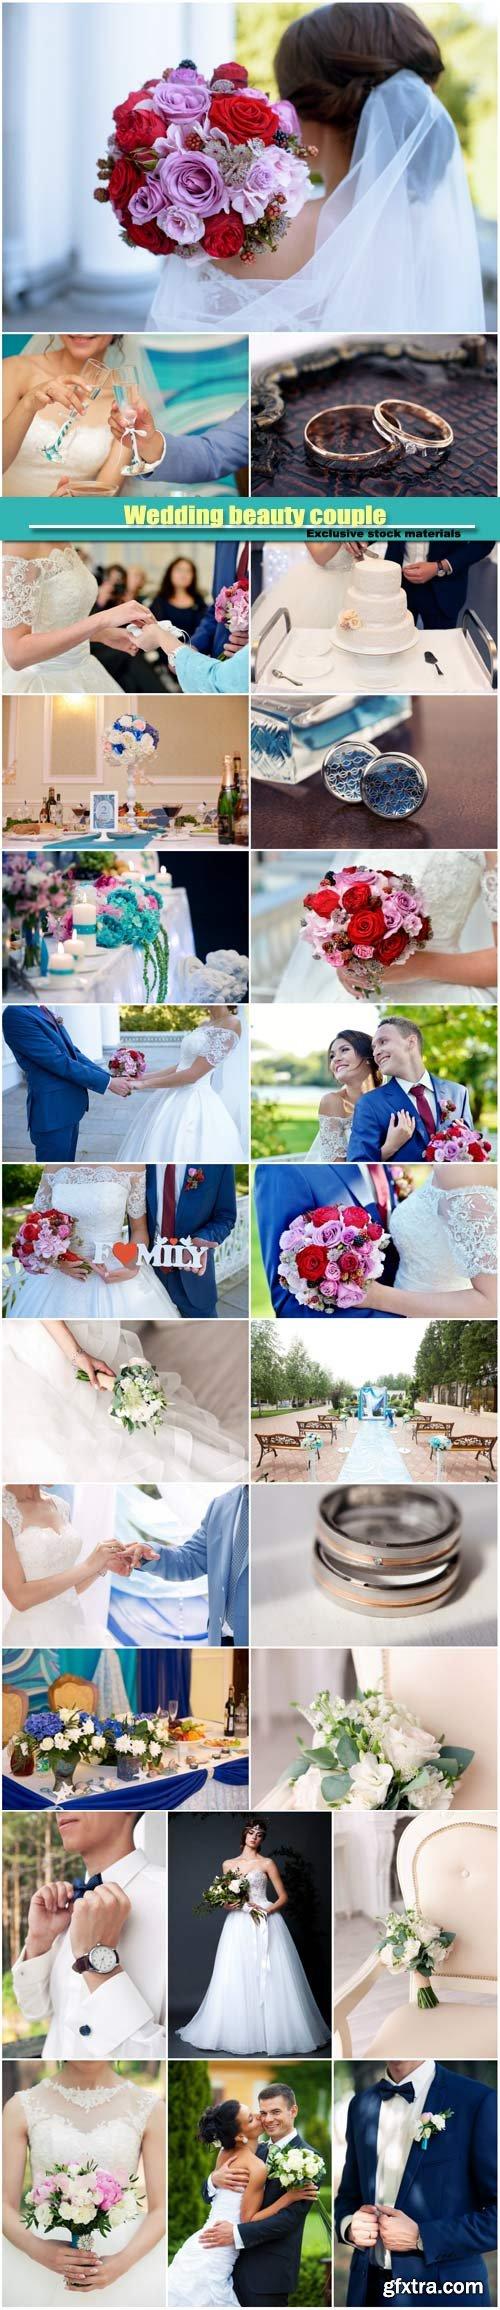 Wedding beauty couple, wedding decor, wedding rings, bride with groom